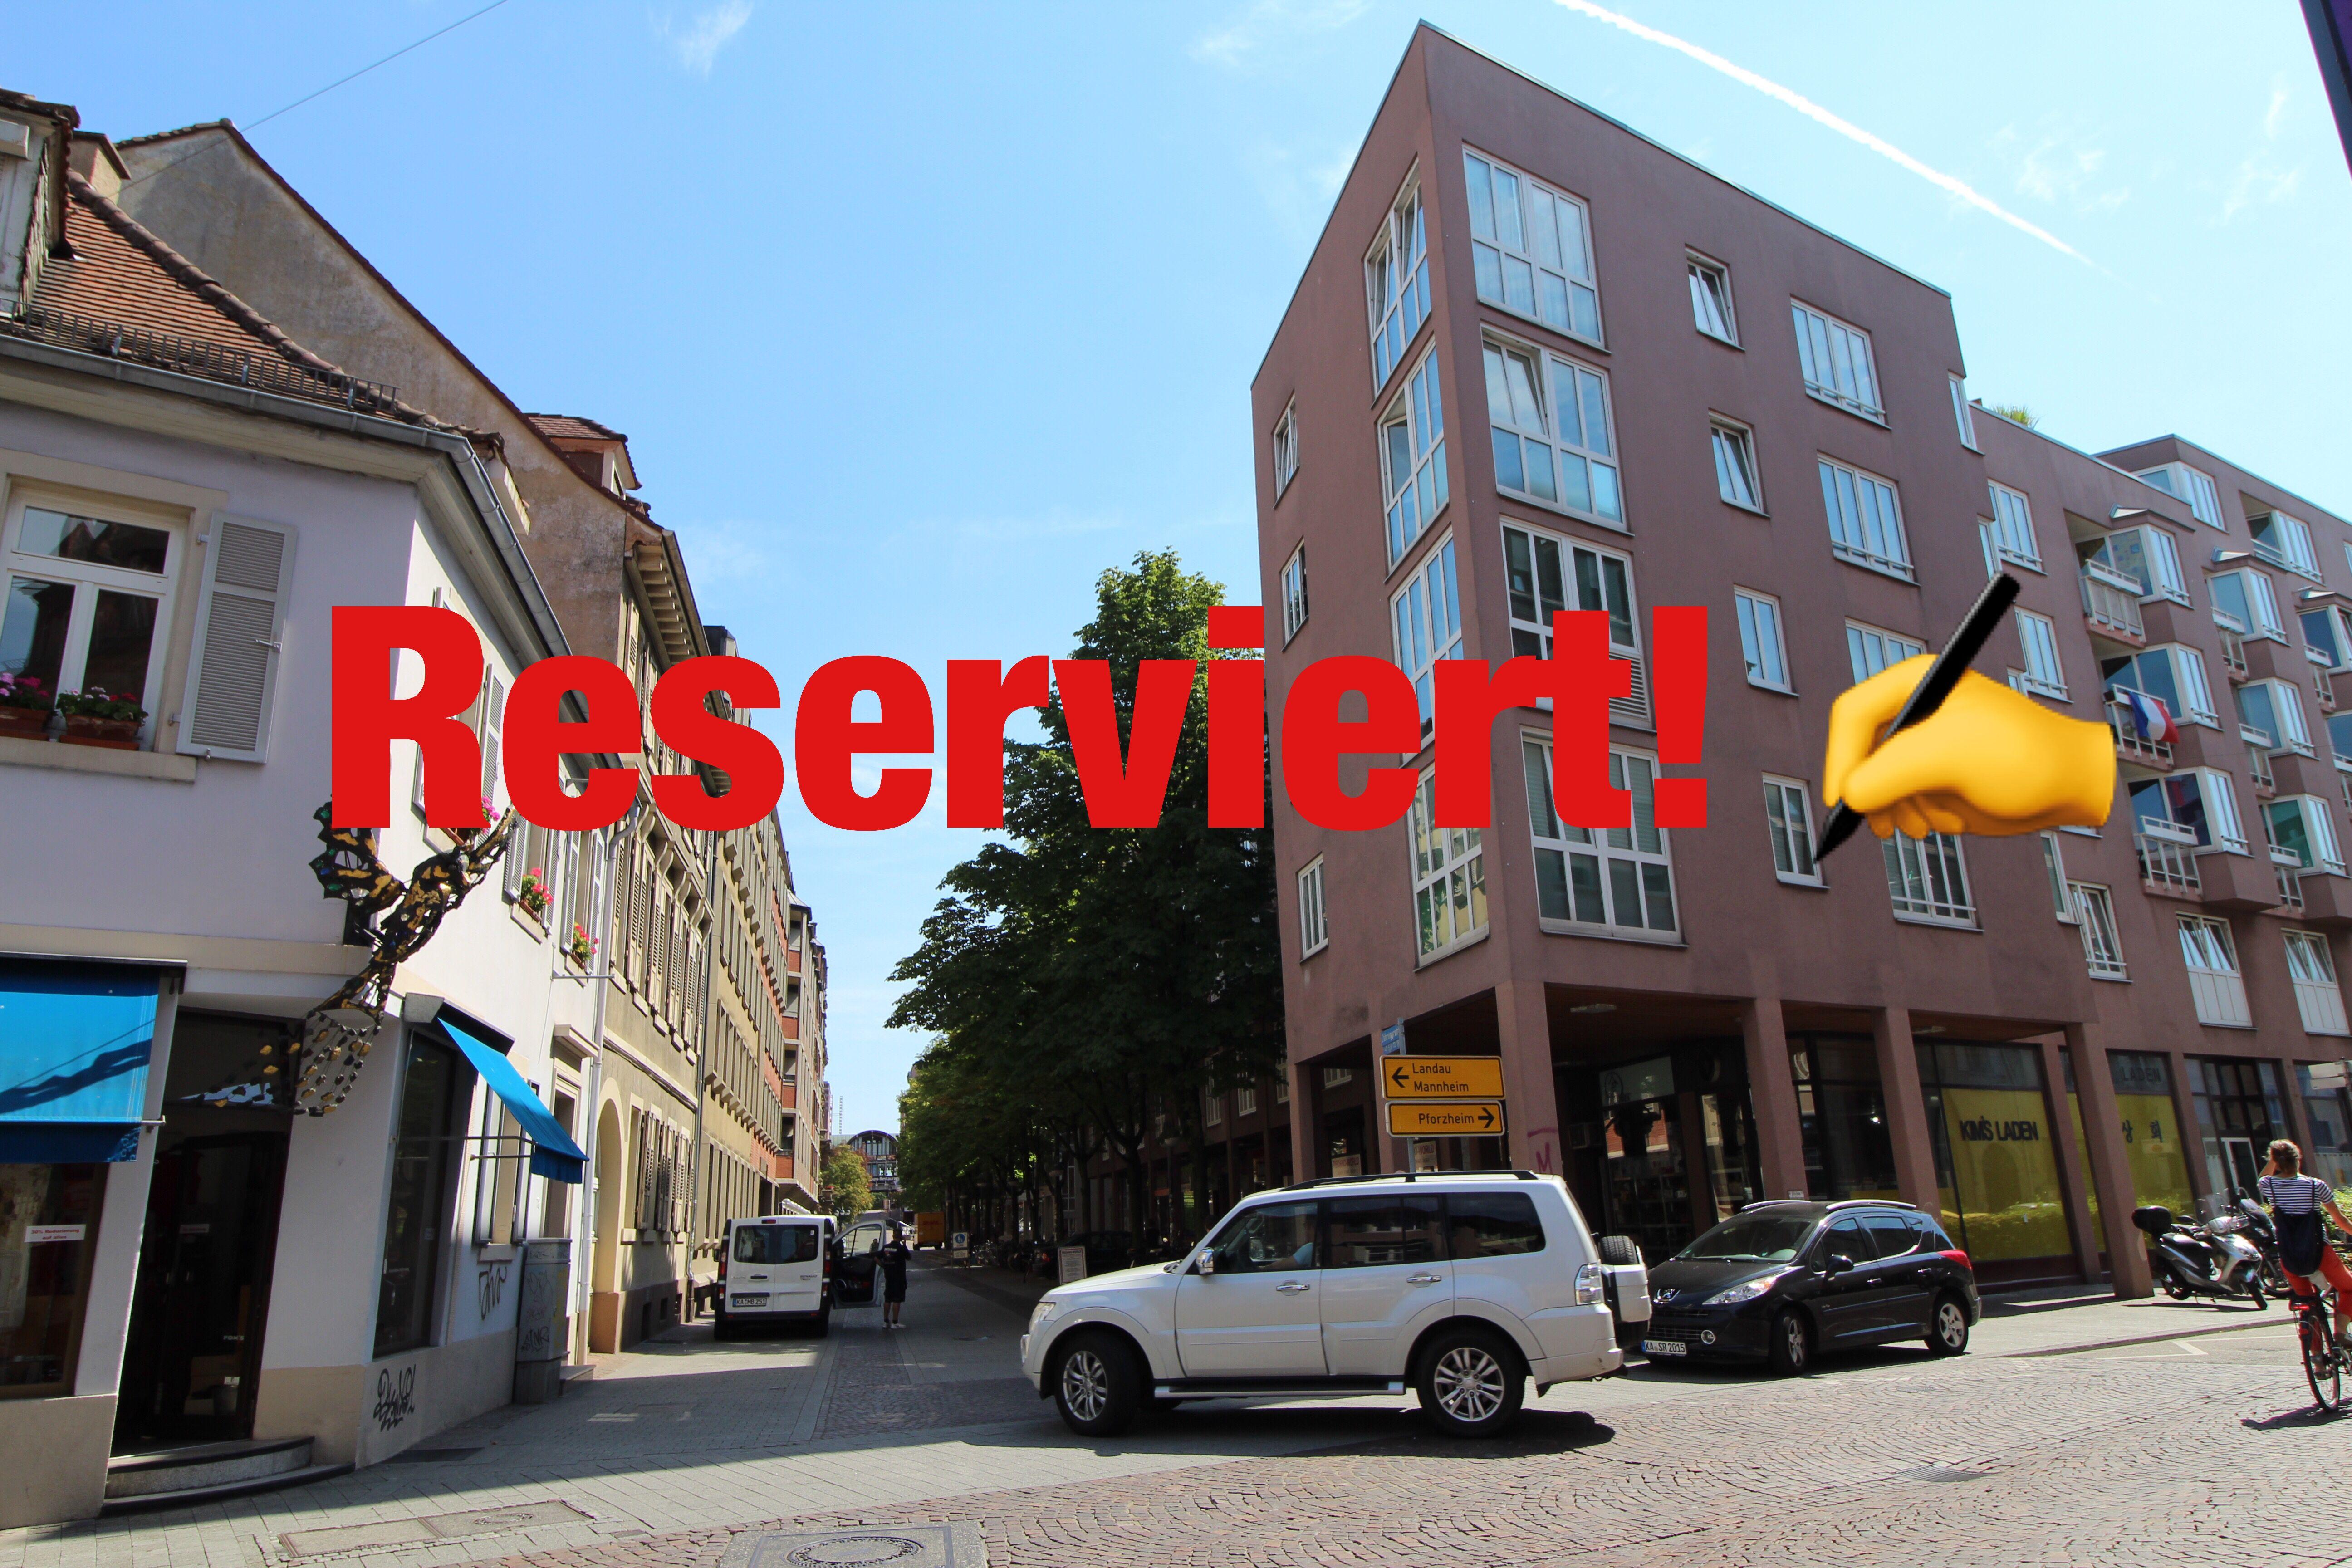 1 Zimmer Wohnung Nach Nur 12 Tagen Vermarktung Reserviert W4 Immobilien Bvfi Makler Immobilienmakle Haus Verkaufen Immobilien 1 Zimmer Wohnung